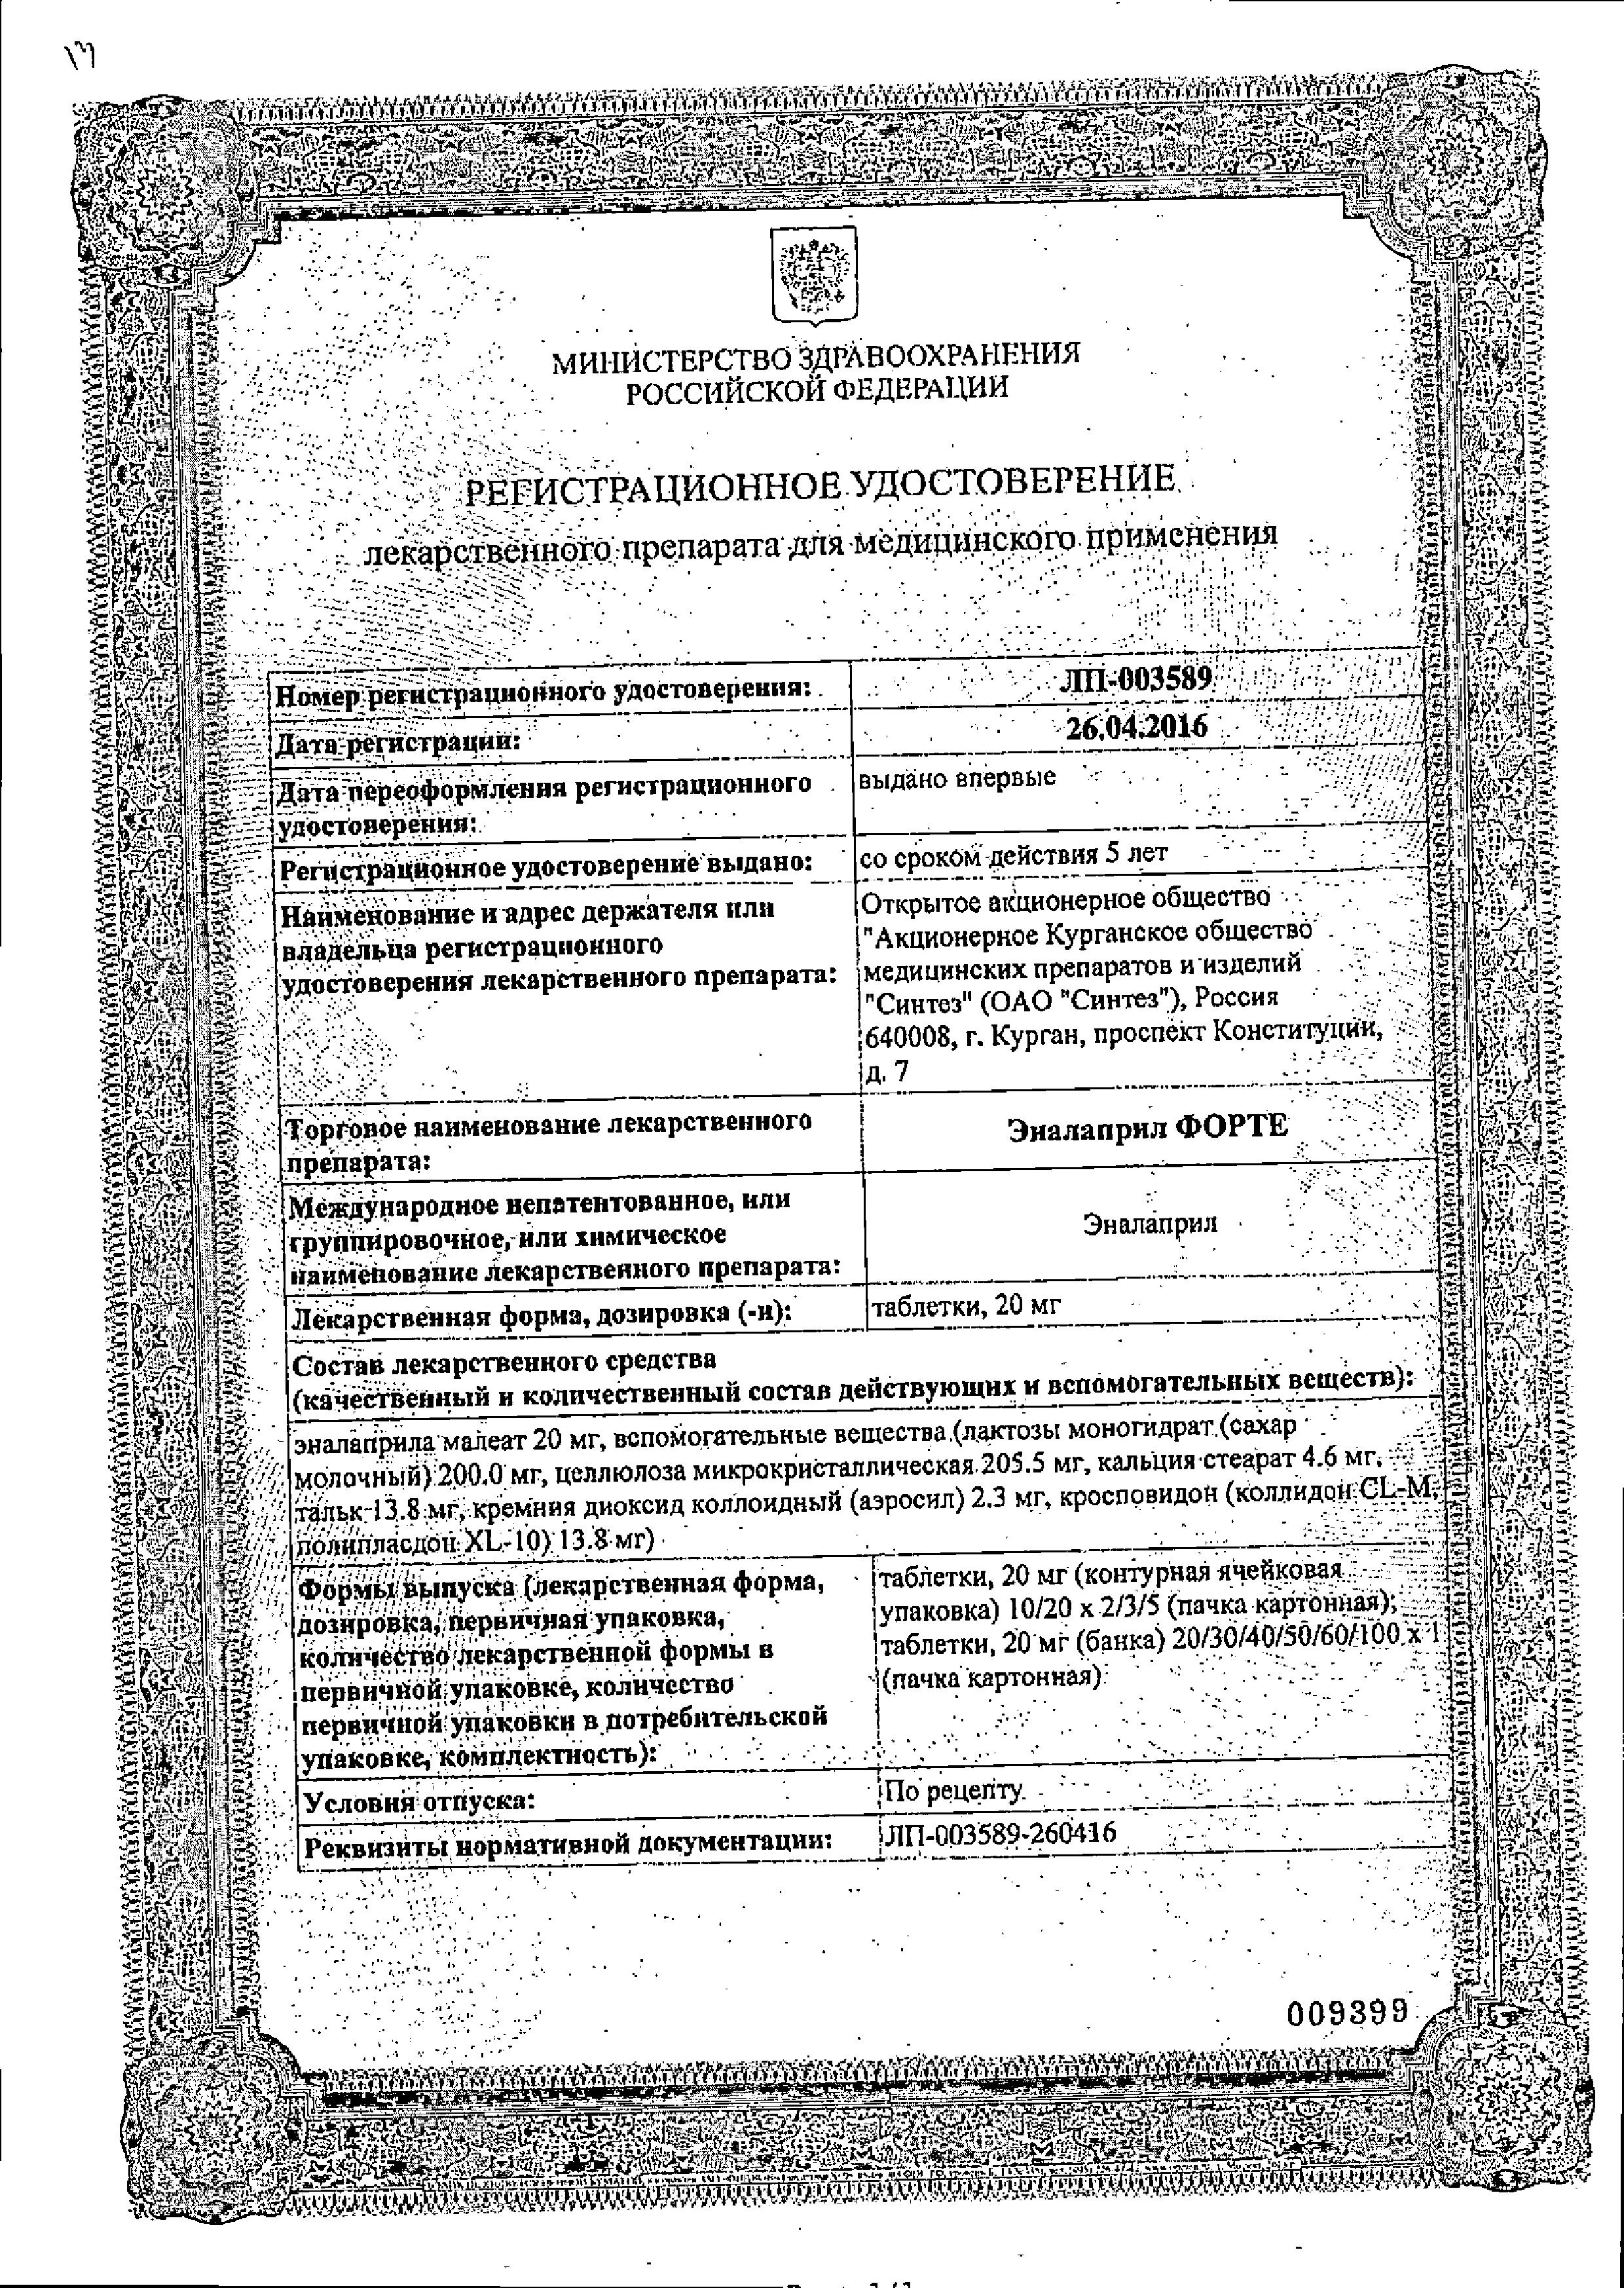 Эналаприл форте сертификат